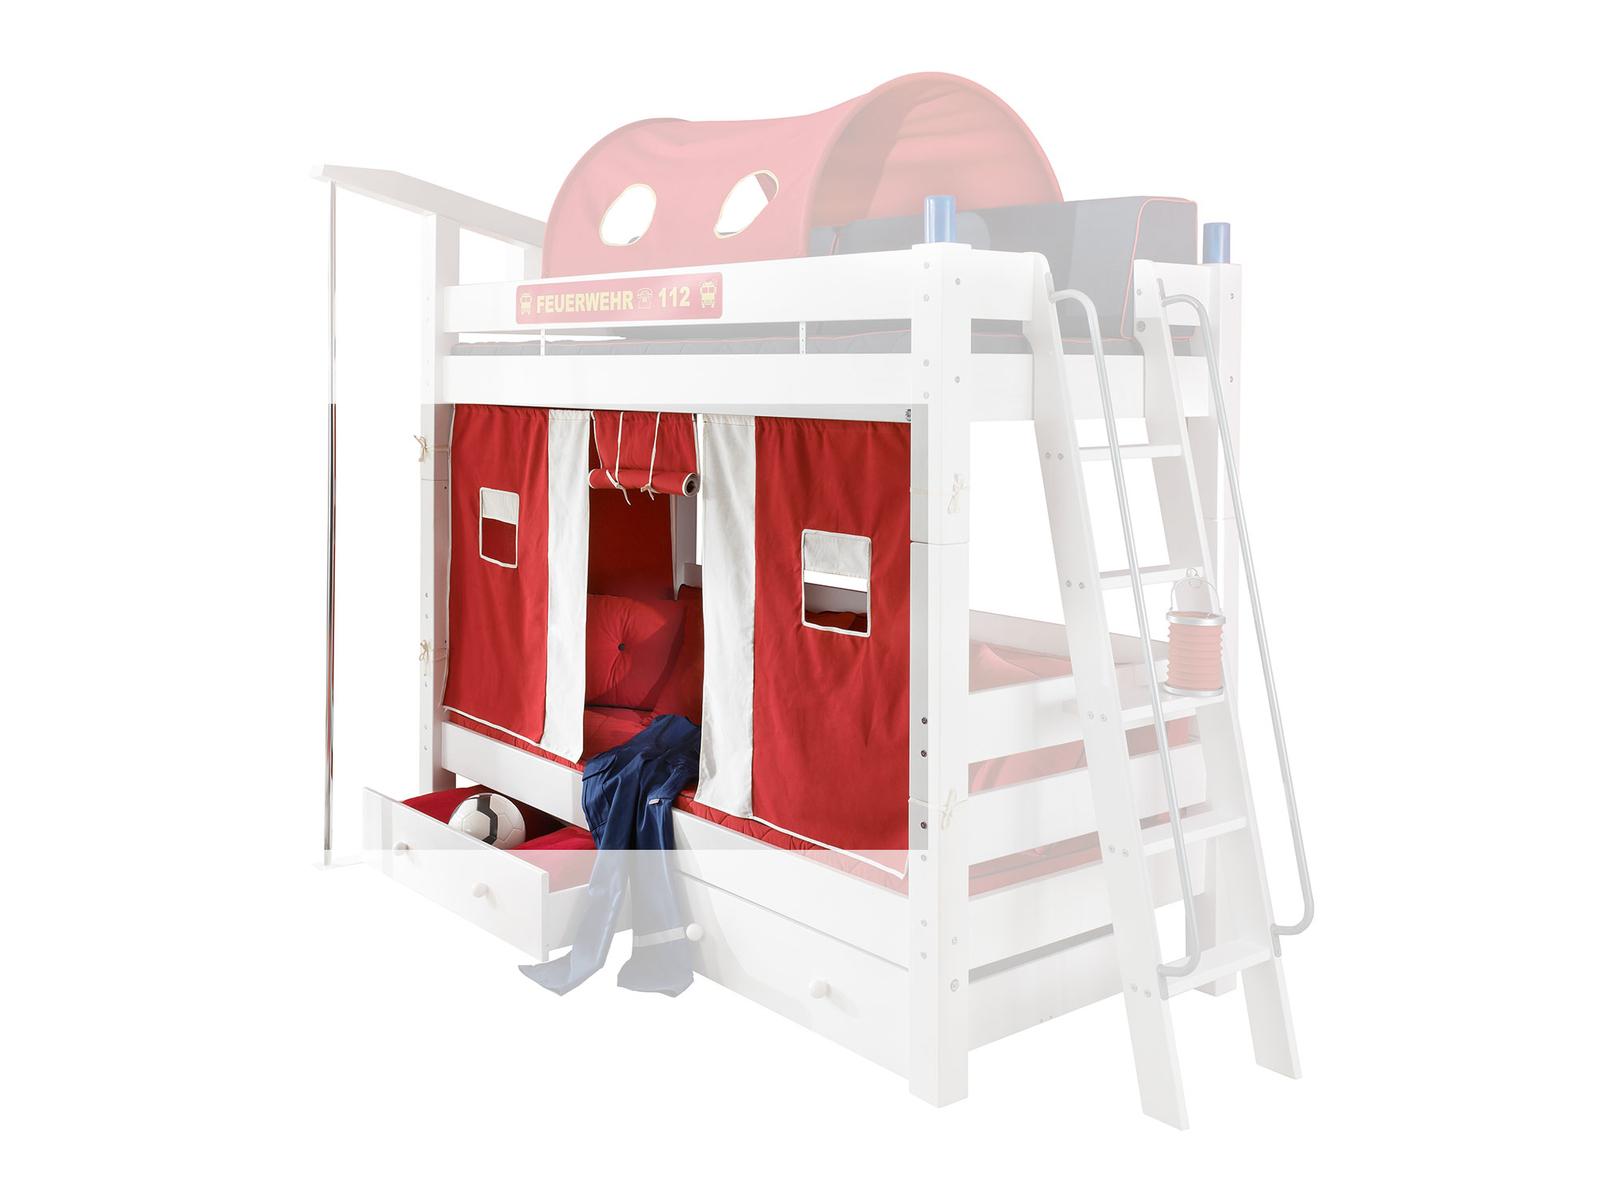 Feuerwehr Etagenbett Moby für Kinder, Bild 4